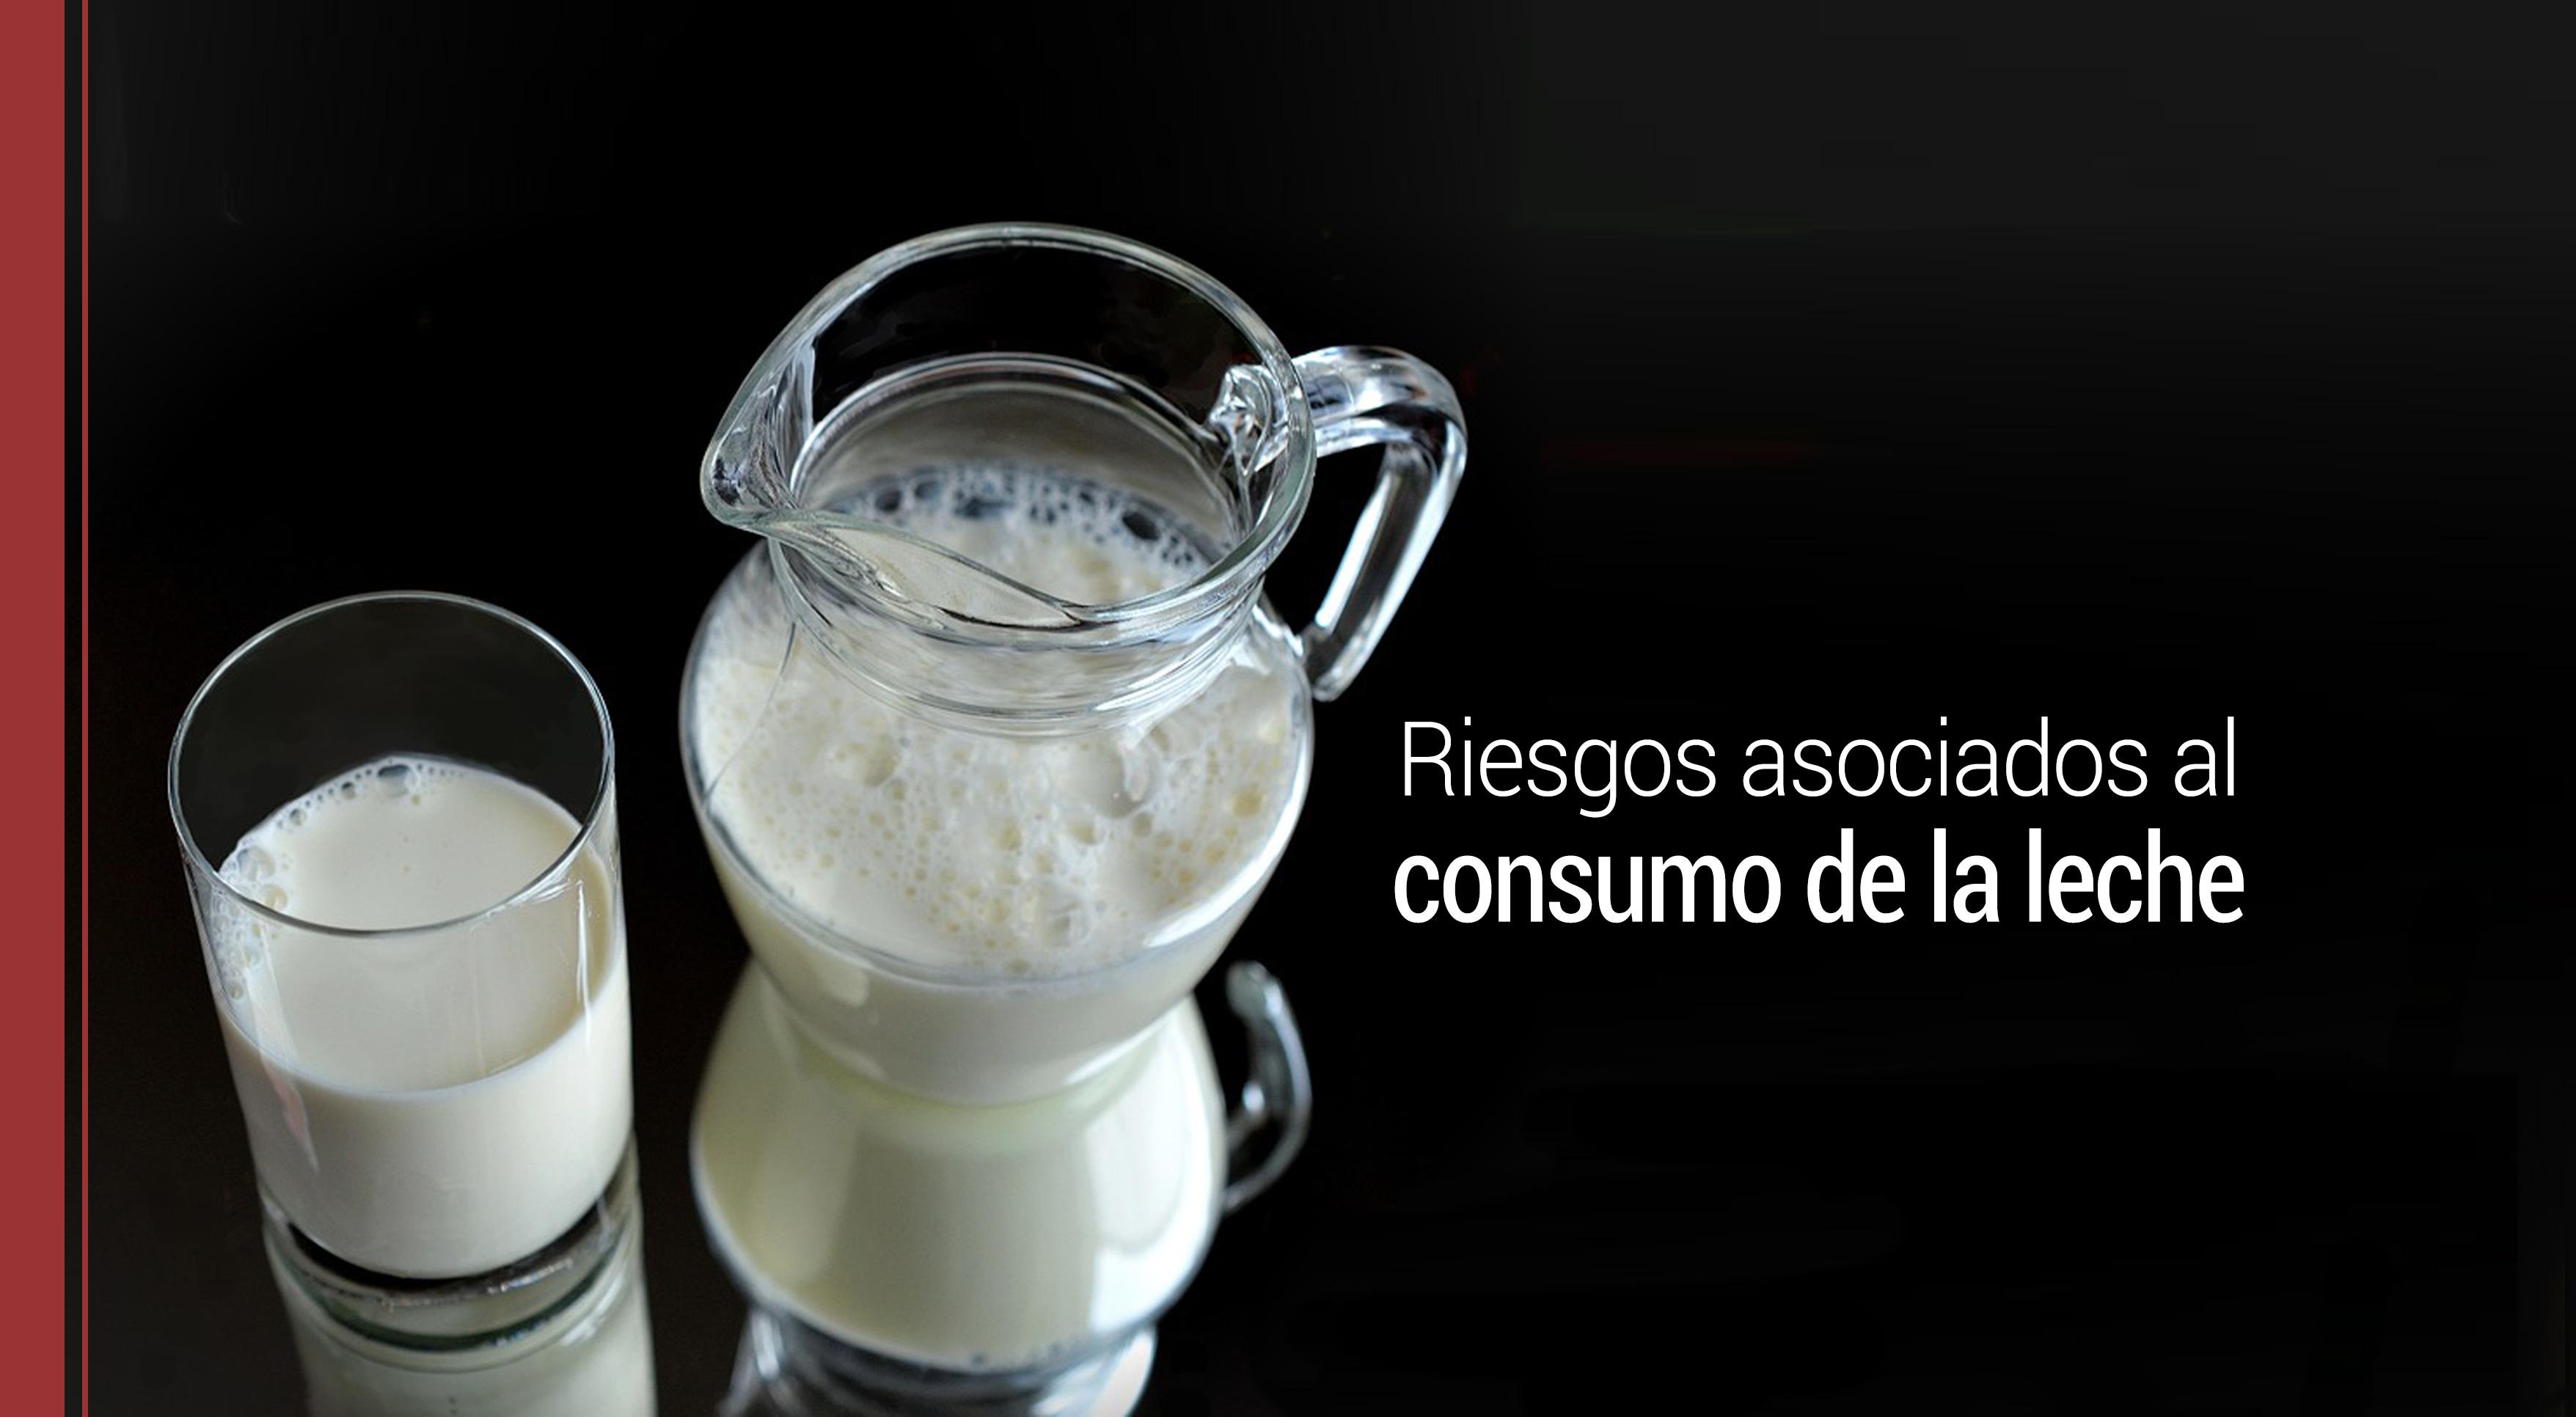 principales-riesgos-consumo-de-la-leche La leche: principales riesgos asociados a su consumo